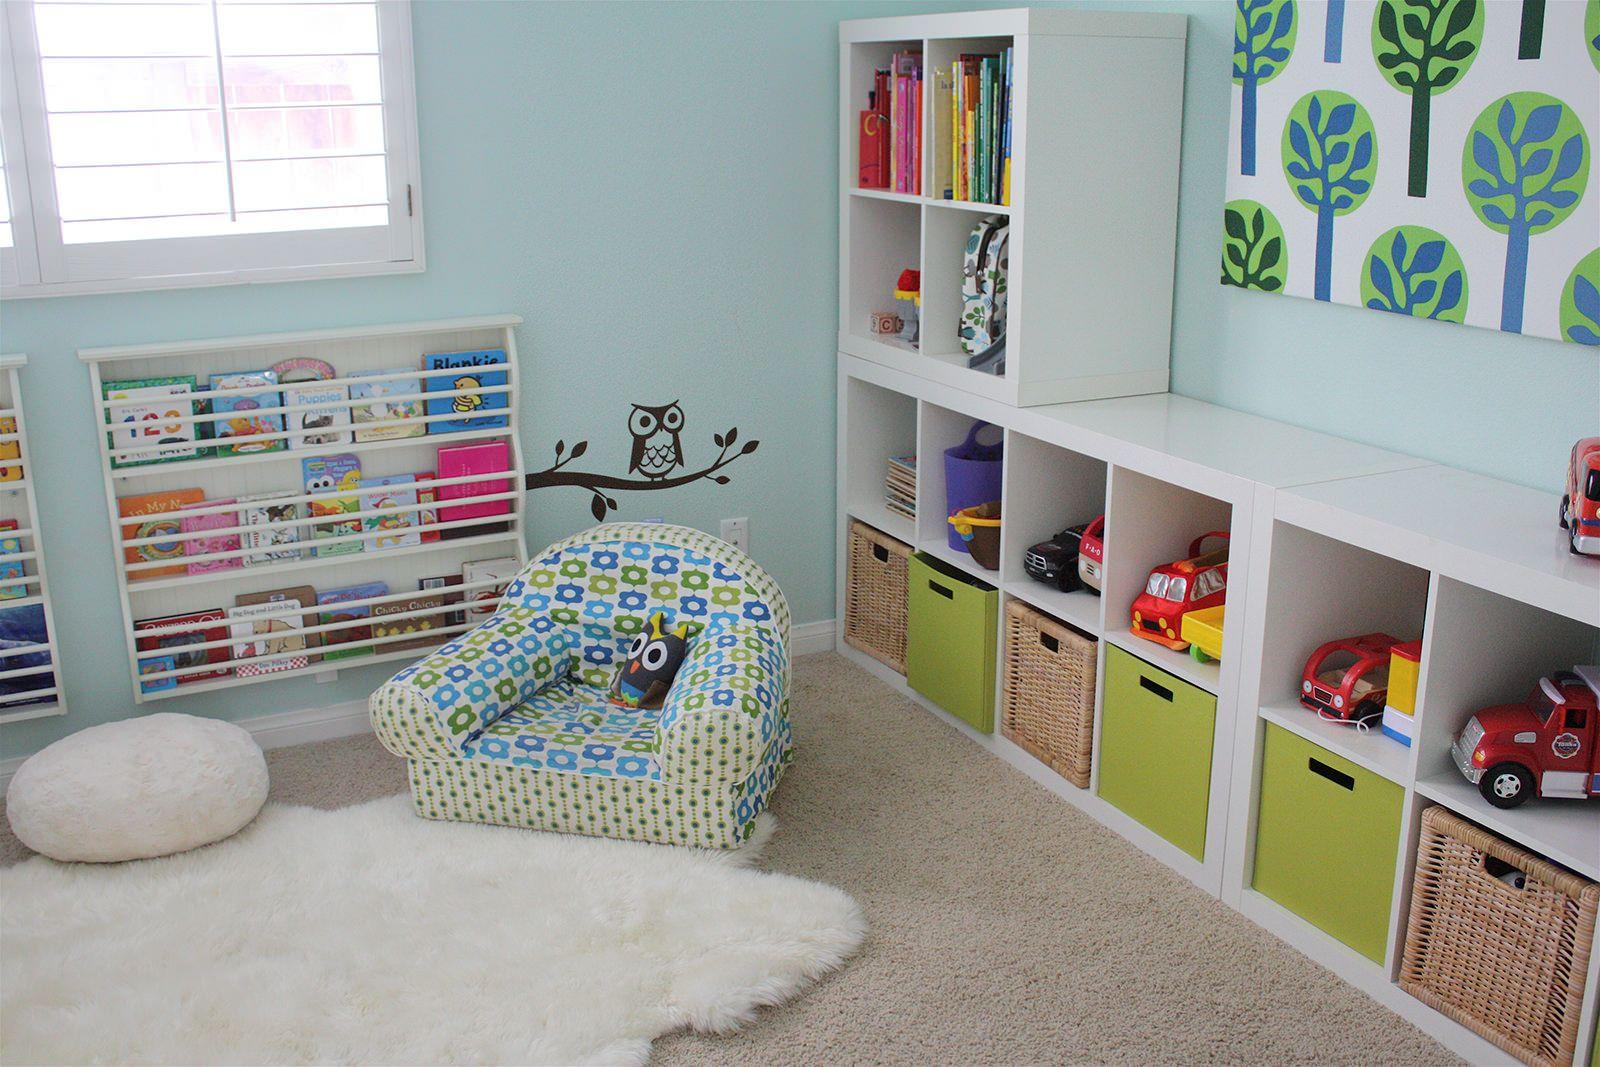 идеи для хранения игрушек в детской комнате мебель для детской In